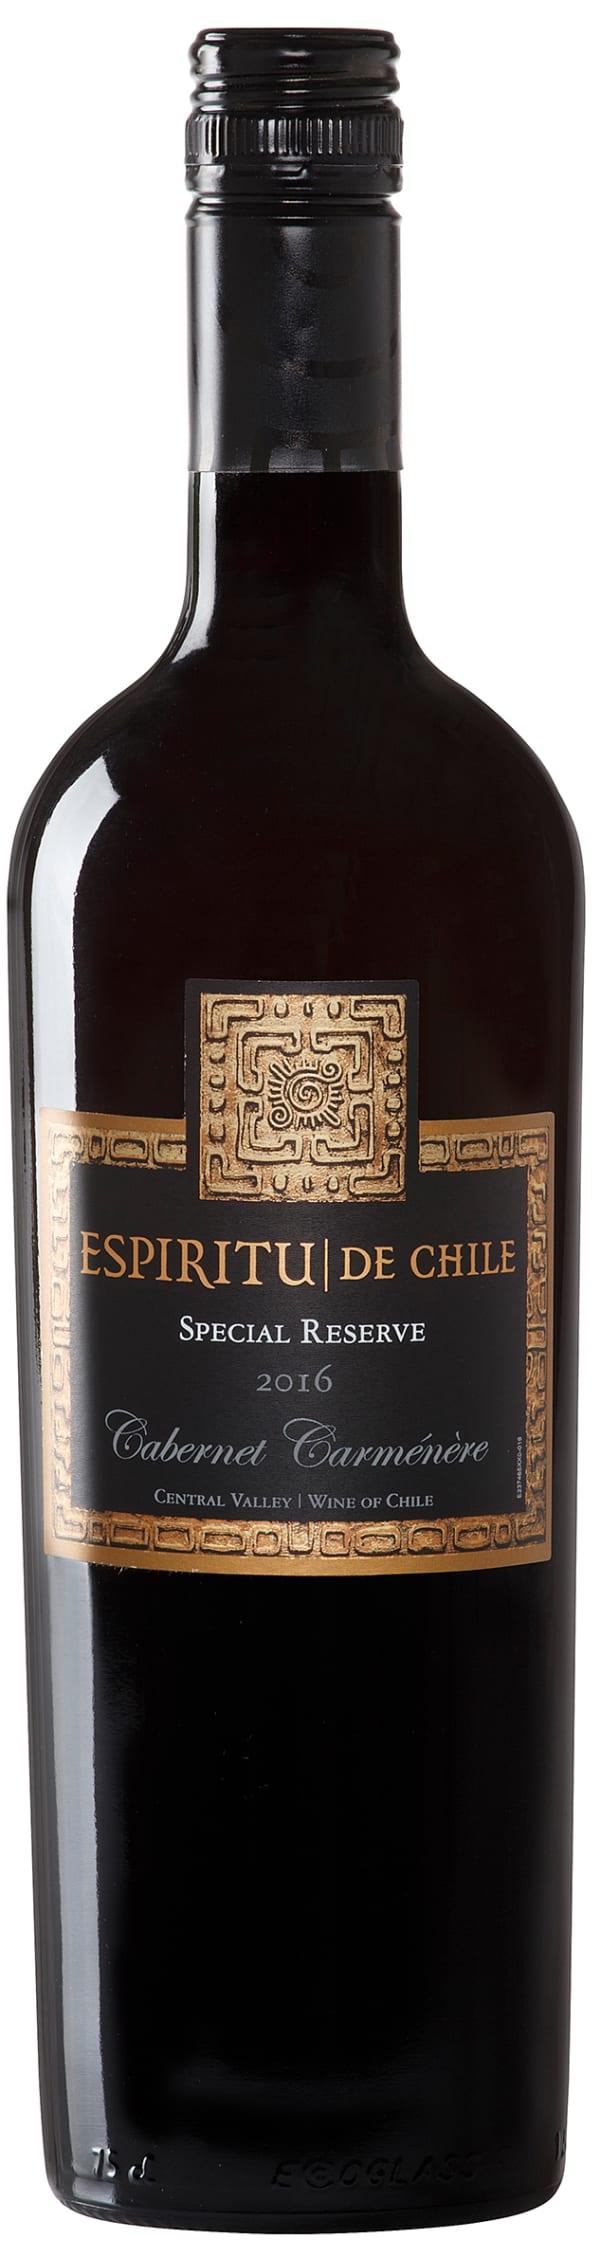 Espiritu de Chile Special Reserve Cabernet Carménère 2015